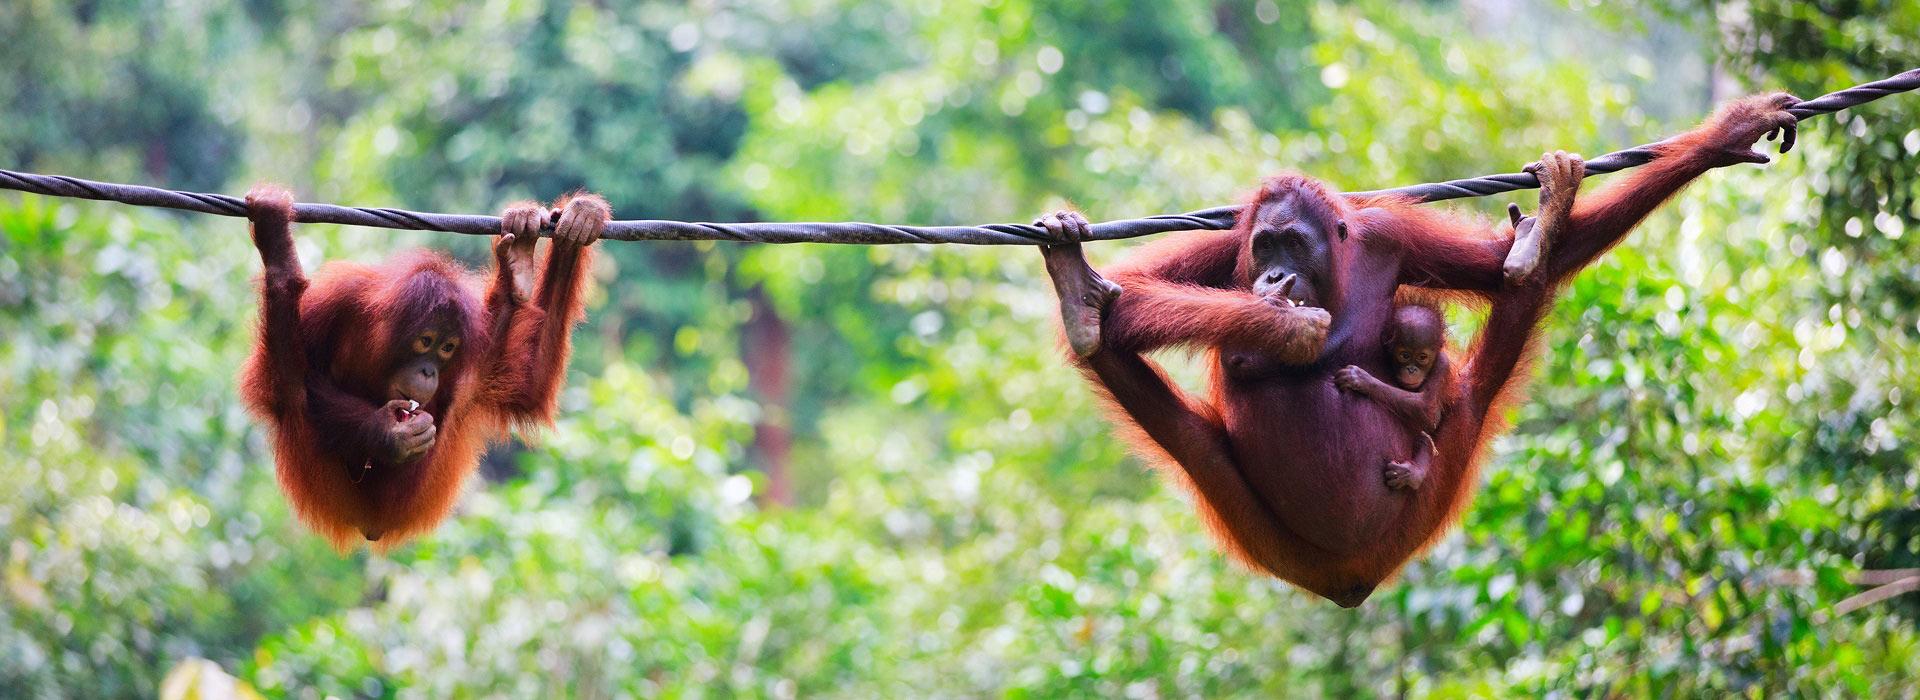 orangutans_sabah_borneo